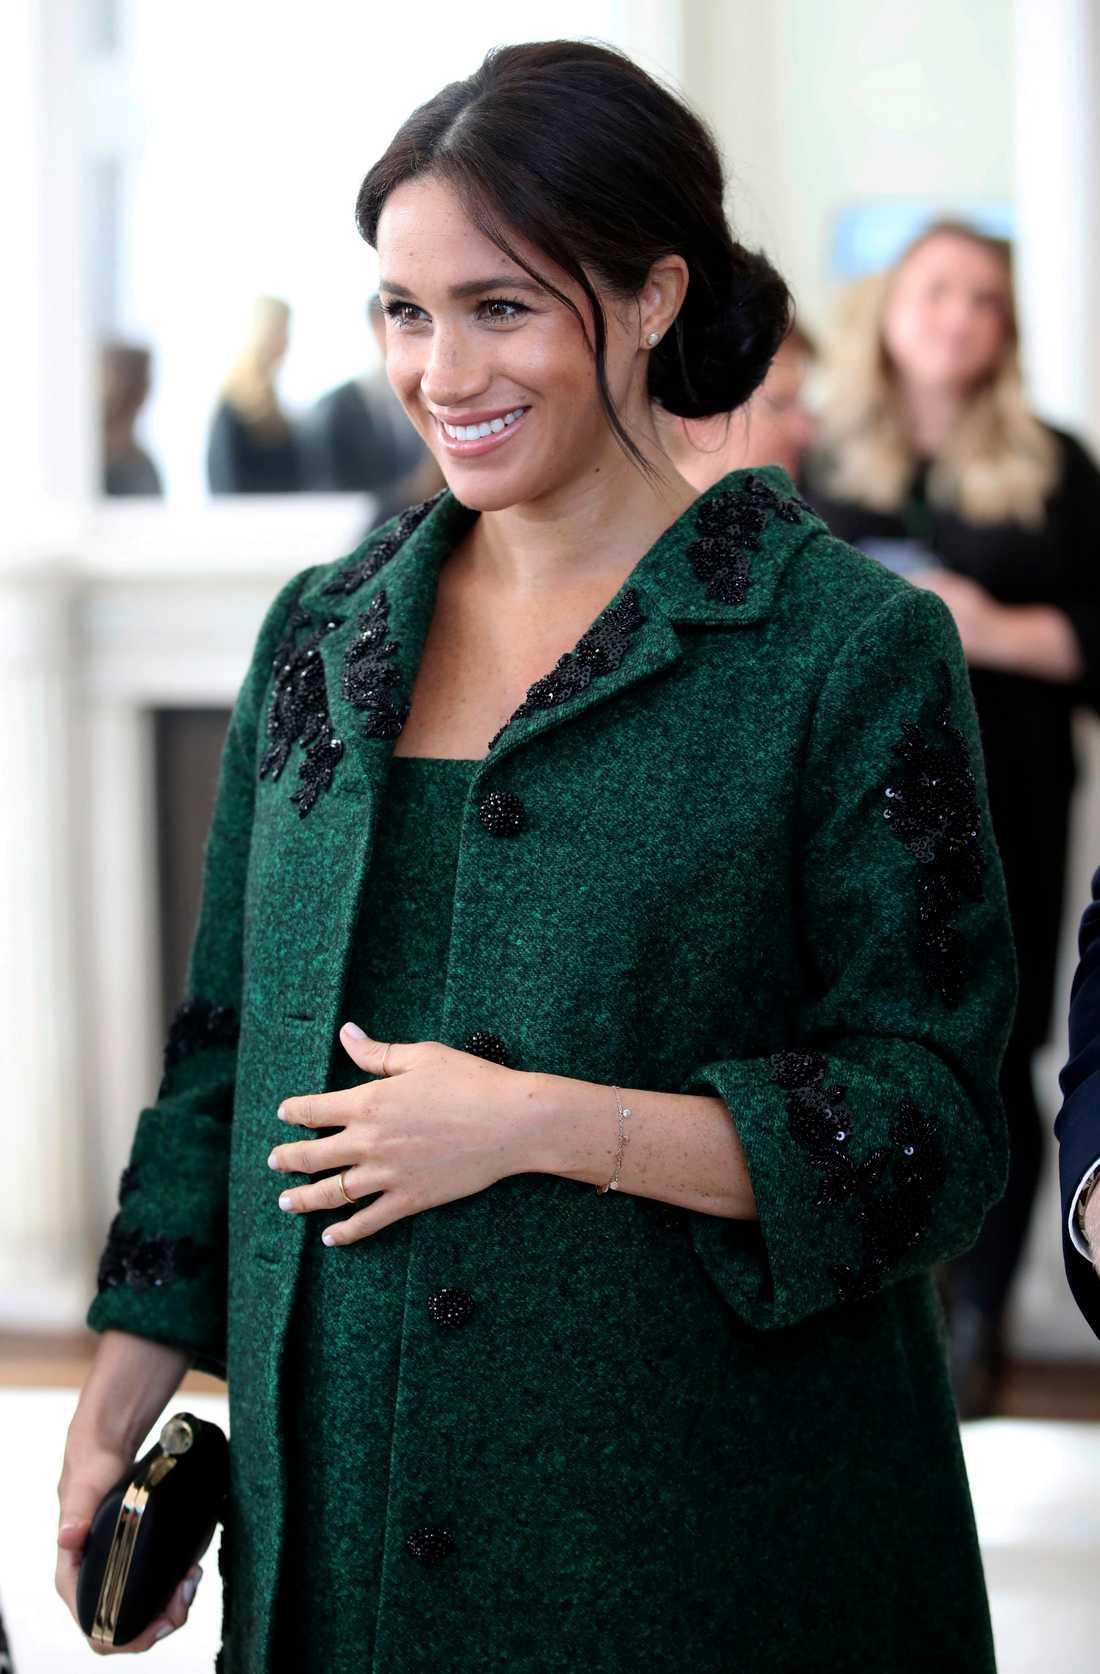 Meghan, hertiginna av Sussex, väntar barn tillsammans med sin prins Harry. Deras nystartade Instagramkonto har på kort tid fått över fyra miljoner följare.